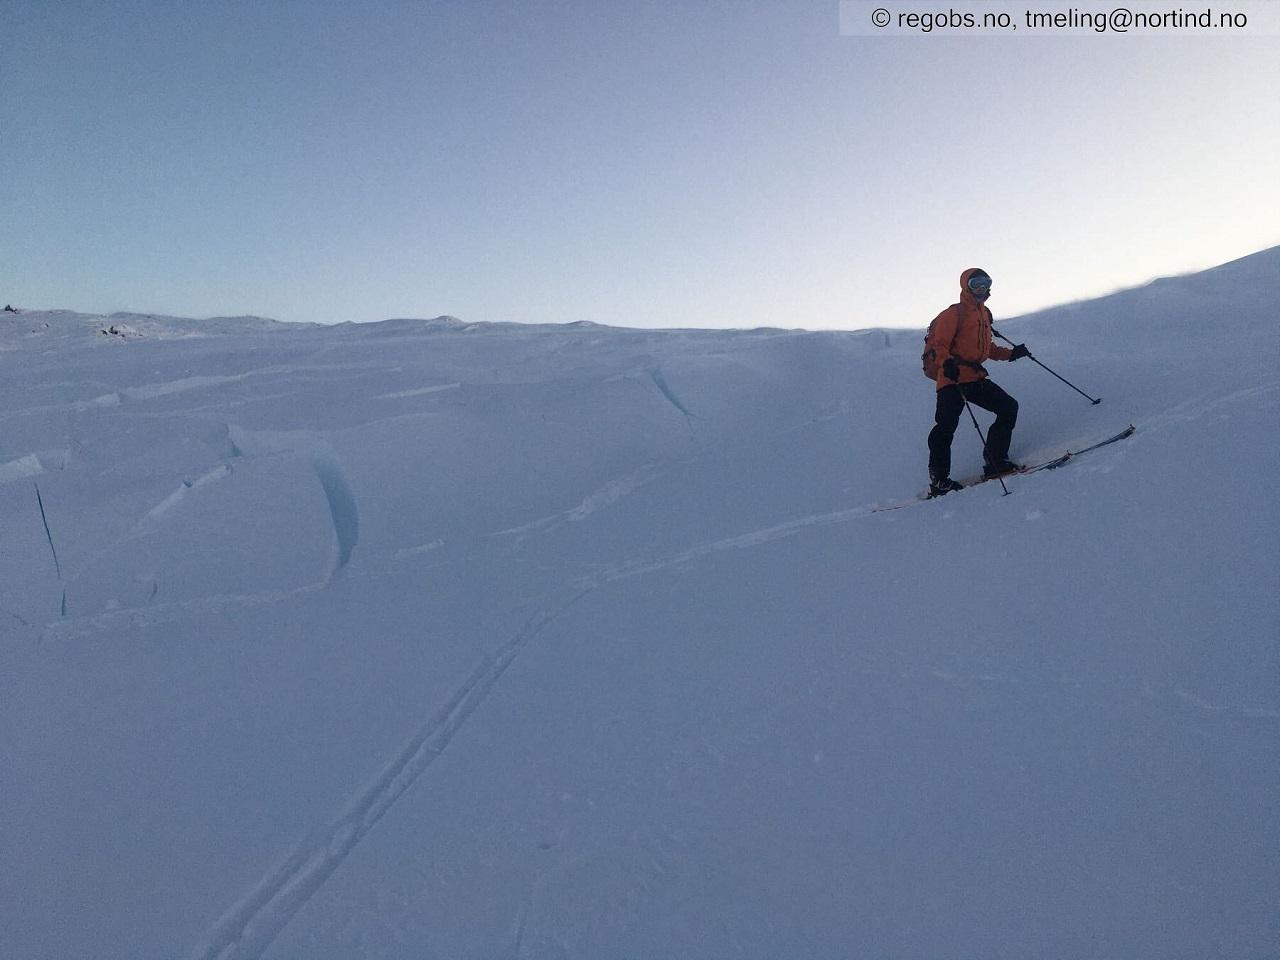 Snø - skiløper - Snøskredvarslinga - skredfare- vinteren 2020/2021